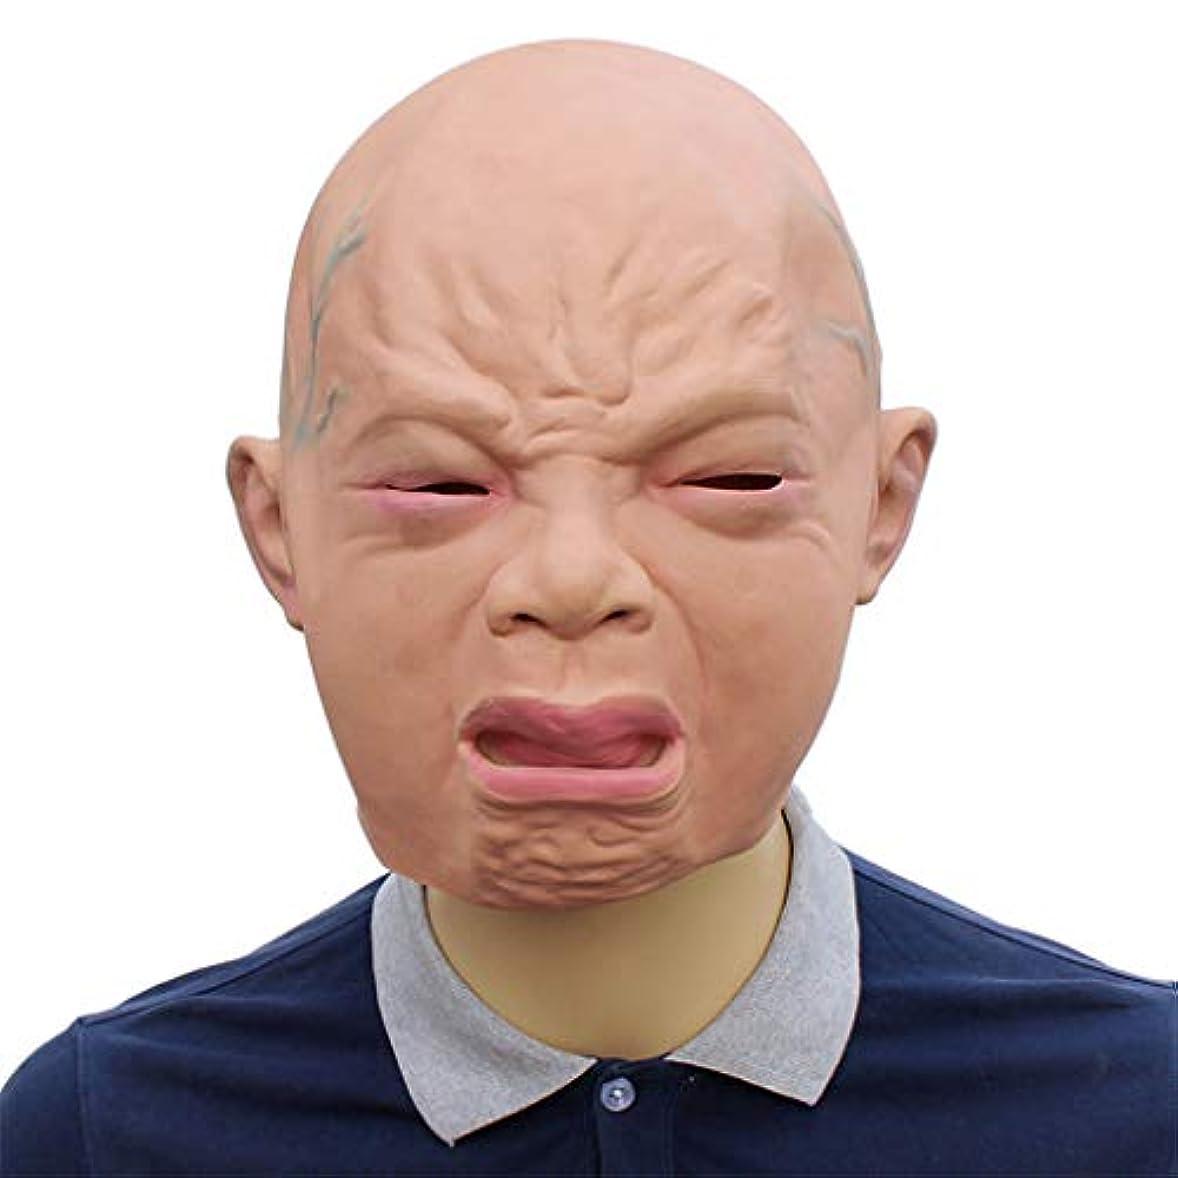 ハロウィンマスク、キャラクターマスク、ノベルティファニーラテックスリアルな泣き虫ベビーギア、ハロウィンイースターコスチュームコスプレ用